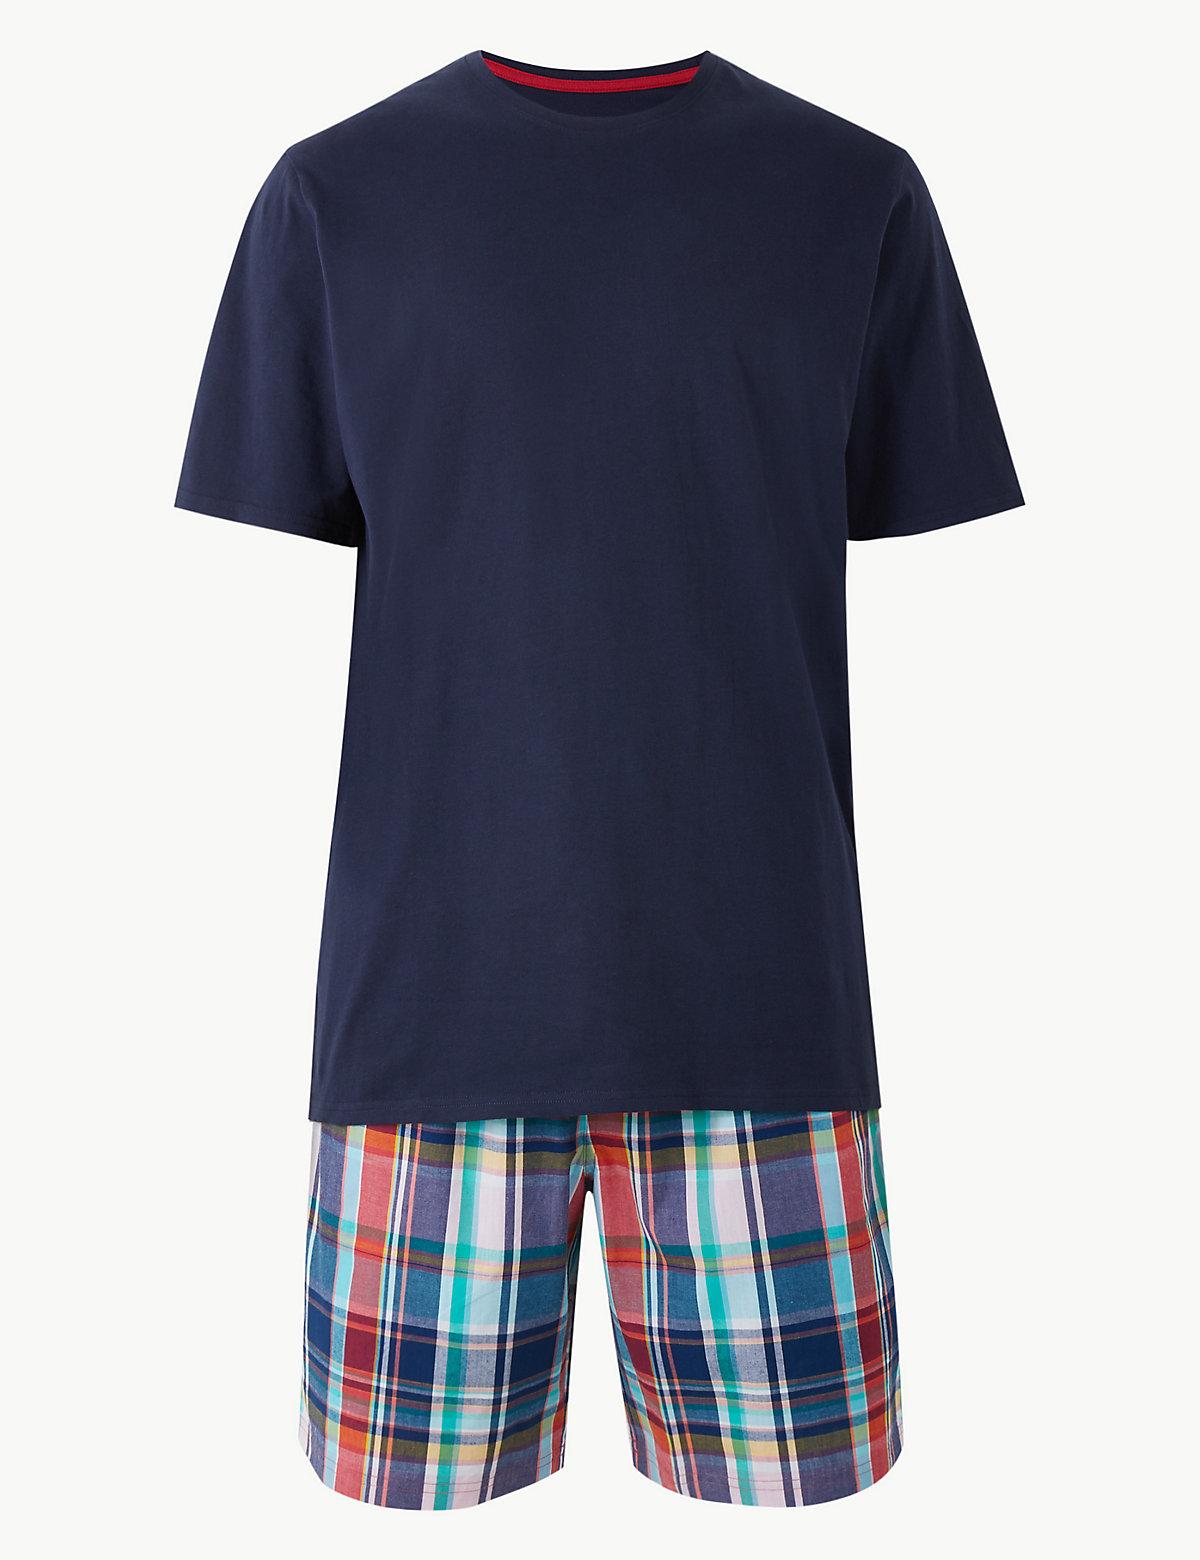 Пижама мужская из 100%-го хлопка: шорты в клетку и футболка с коротким рукавом